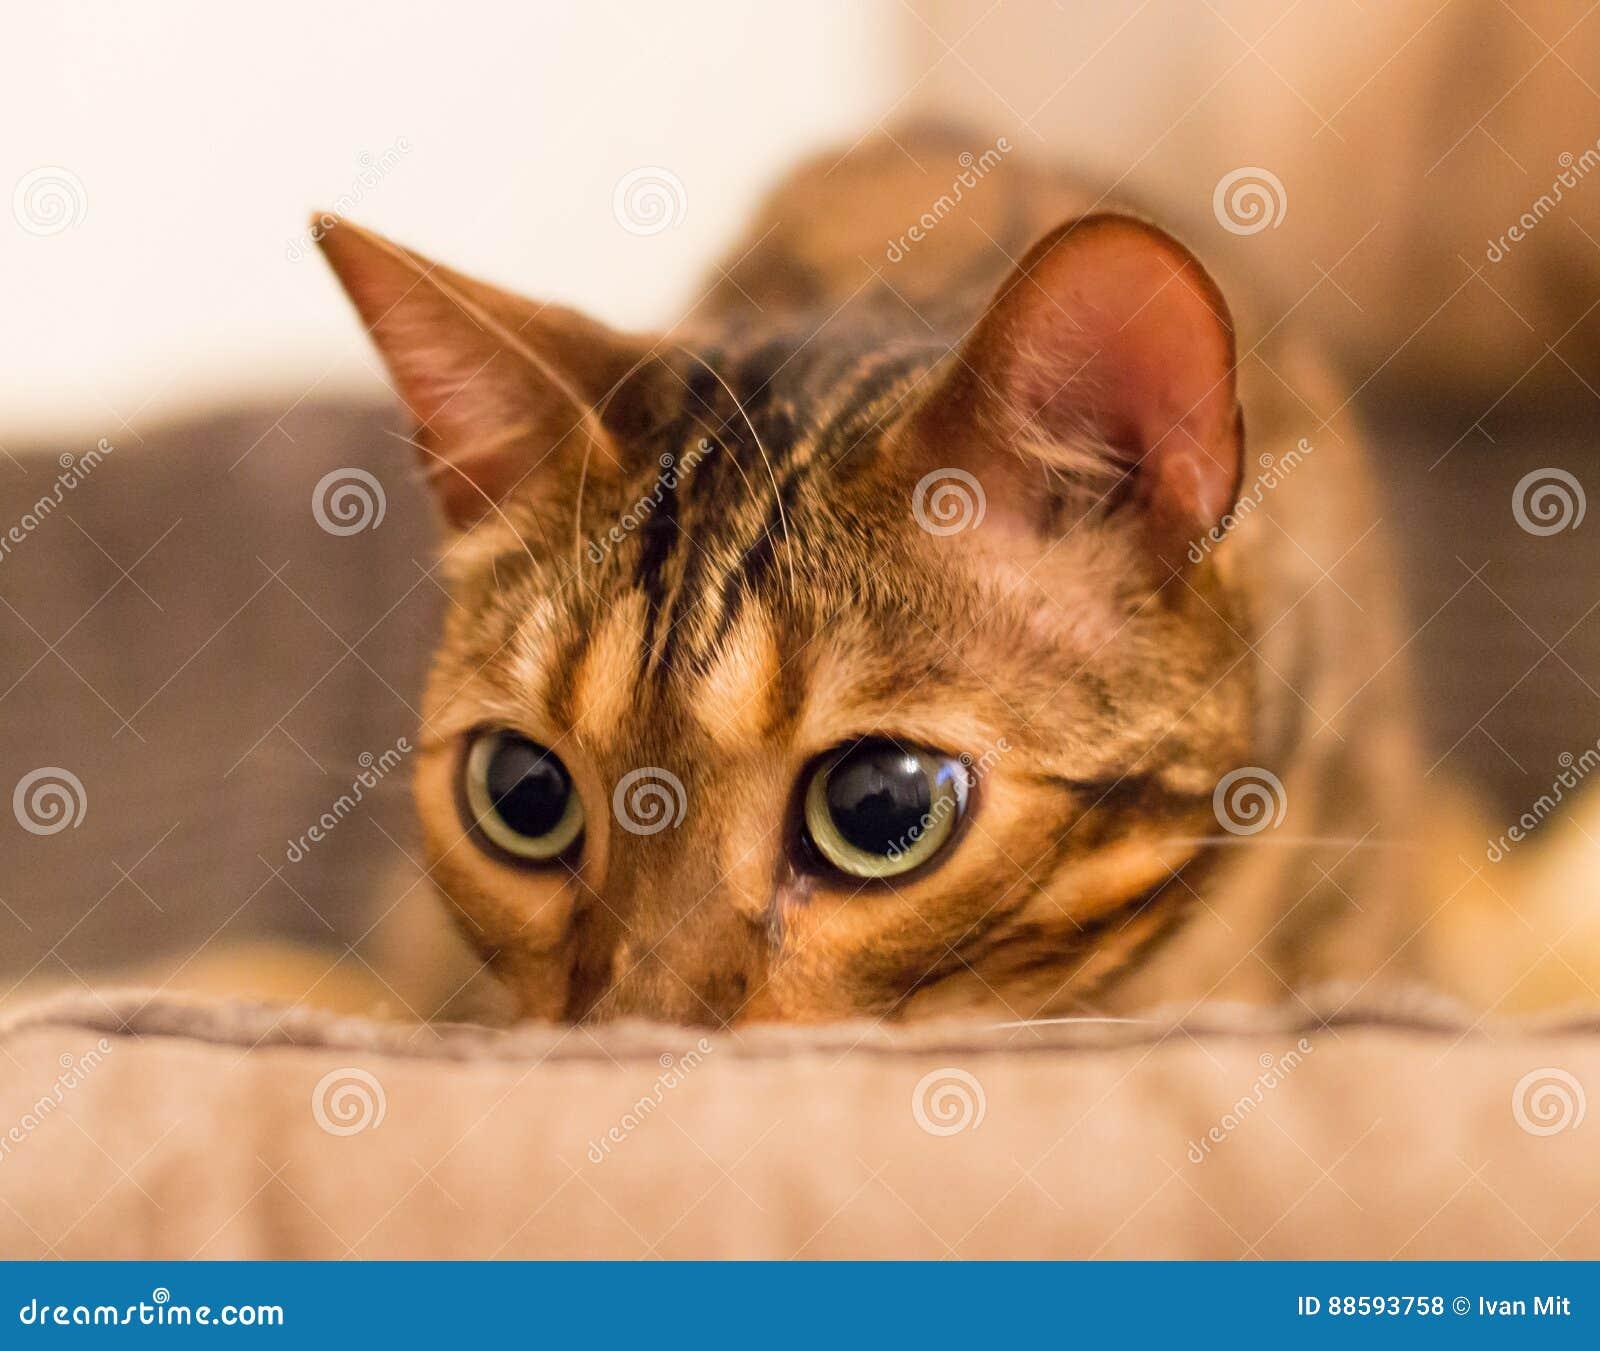 Regard fixe attentif de chat